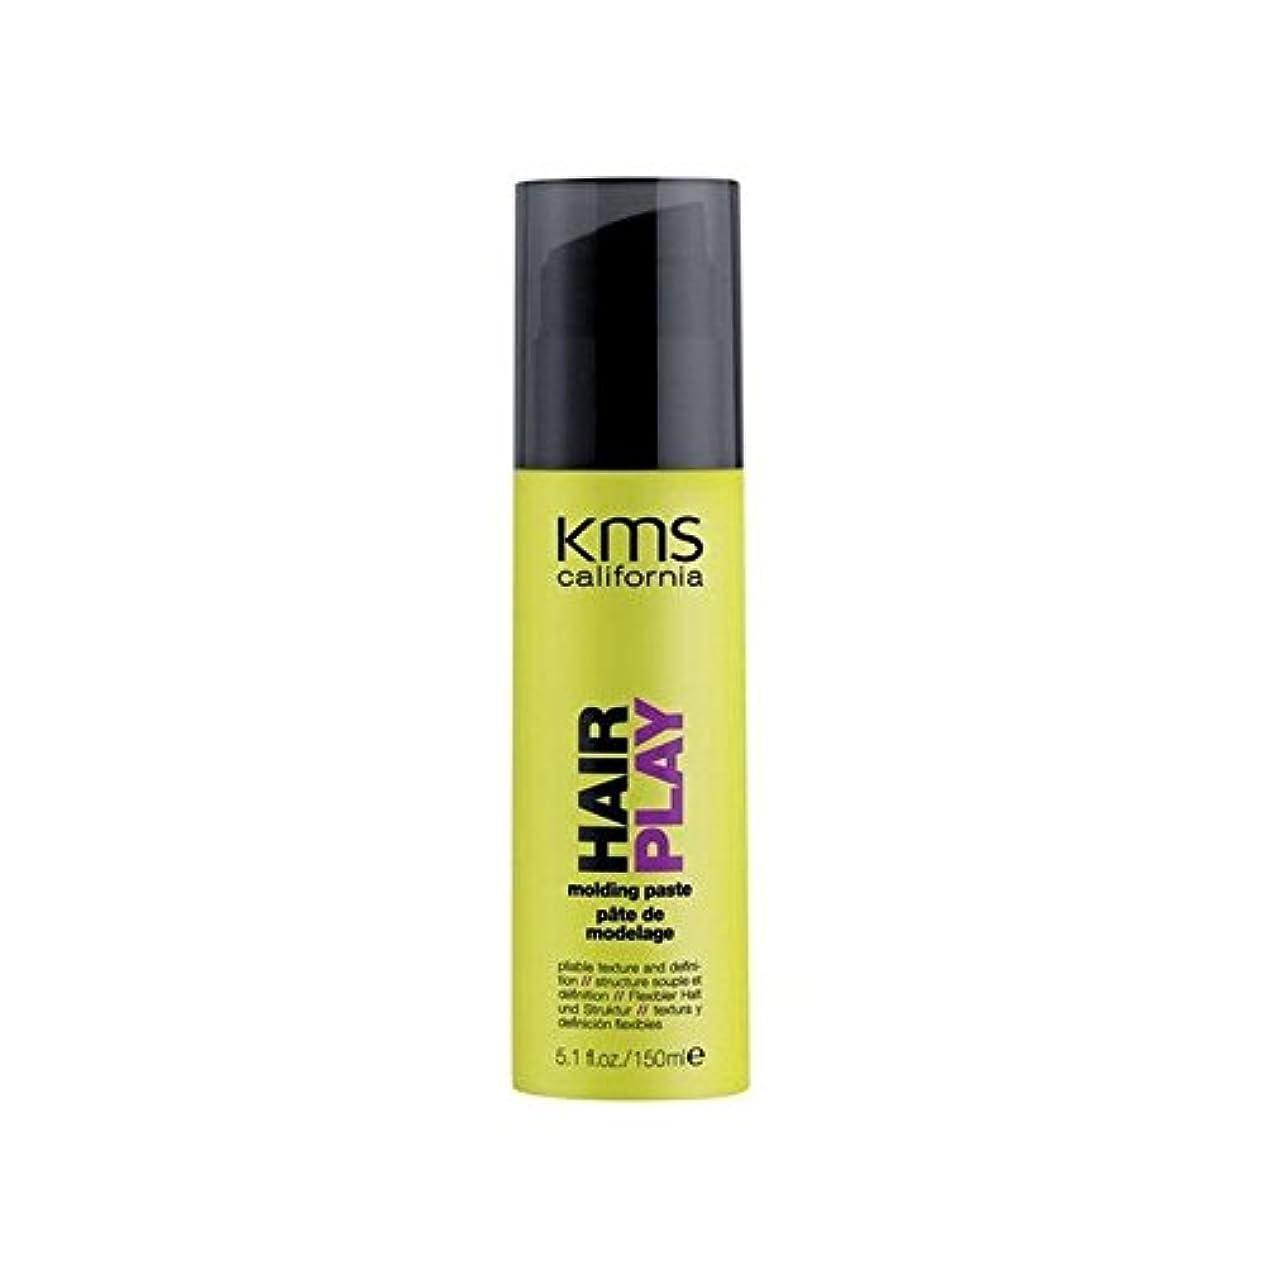 横数学者宮殿カリフォルニア成形ペースト(150ミリリットル) x4 - Kms California Hairplay Molding Paste (150ml) (Pack of 4) [並行輸入品]